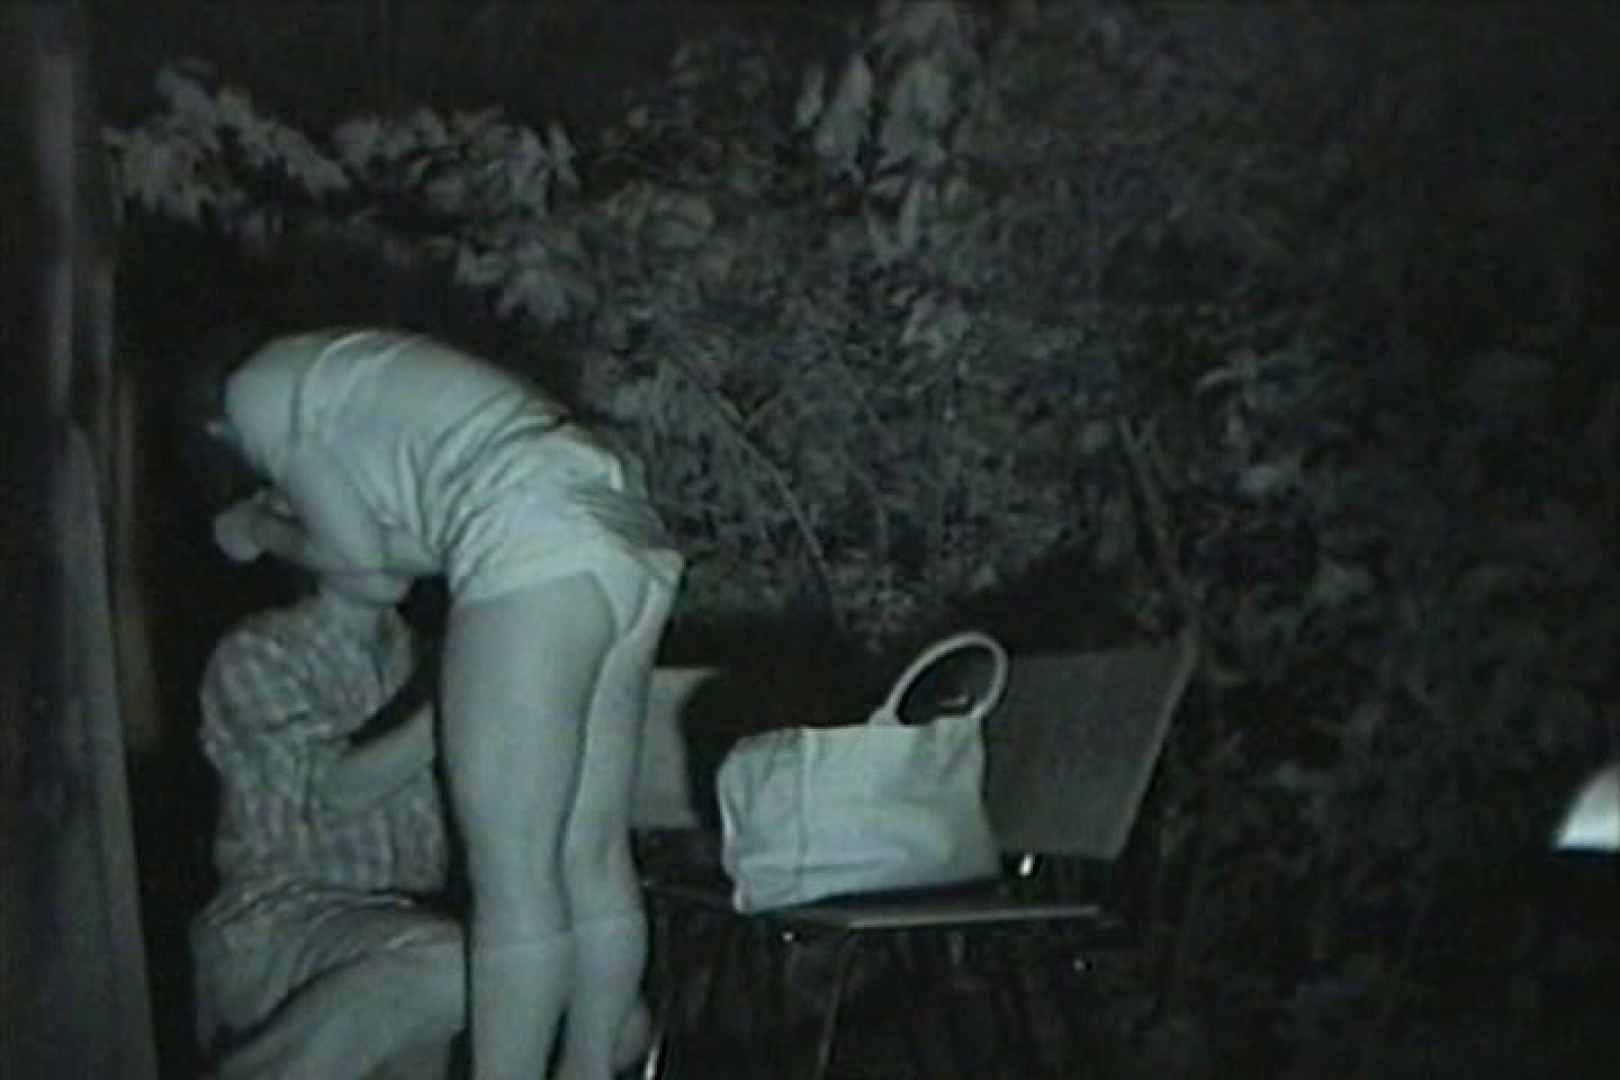 闇の仕掛け人 無修正版 Vol.24 ホテル おまんこ無修正動画無料 102画像 29